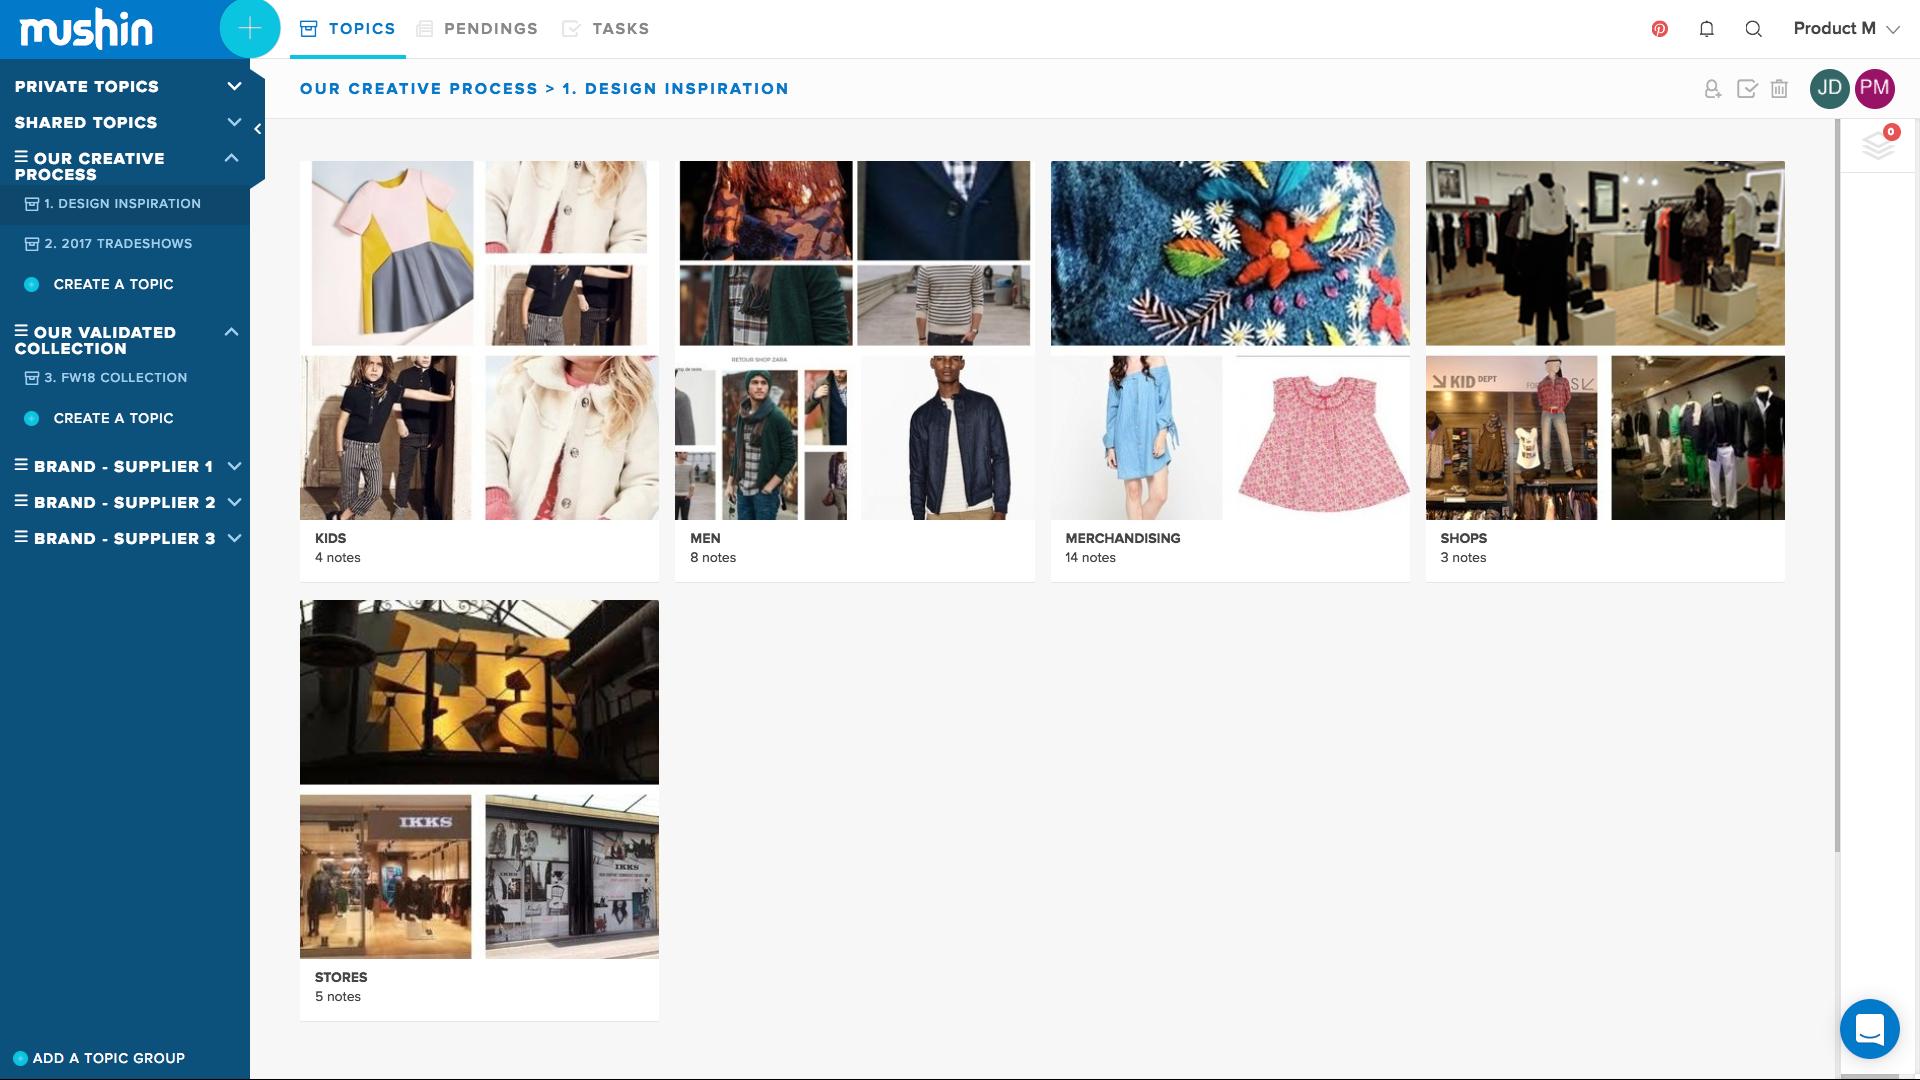 Sur le web, repérez rapidement les tendances et les incontournables pour la prochaine collection.